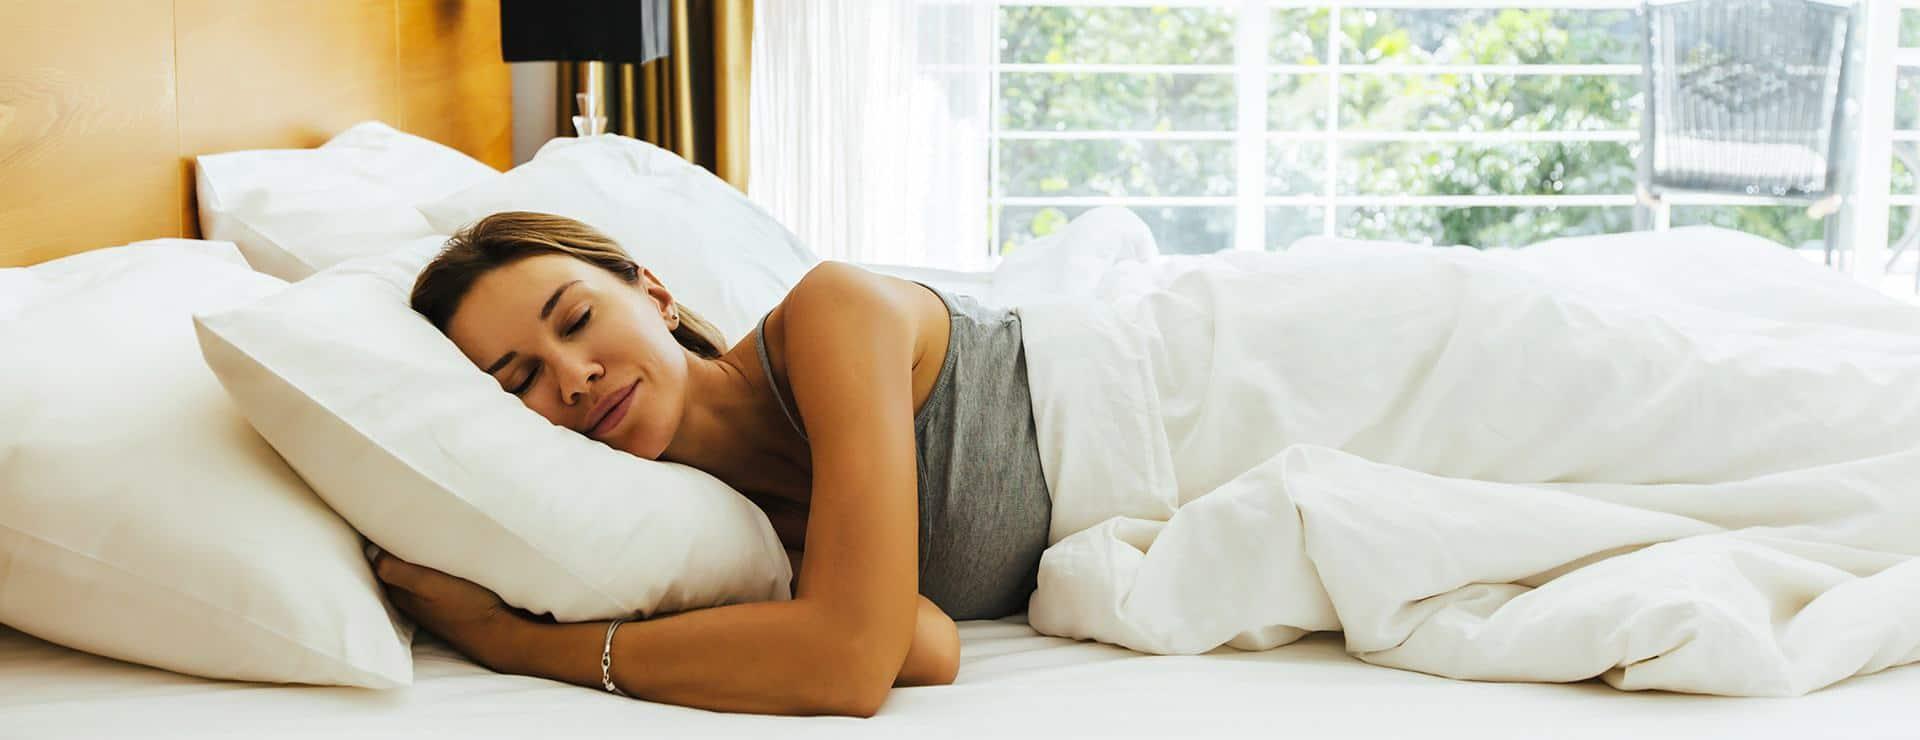 Le top du top : dormir sur le côté (image J'aime dormir)